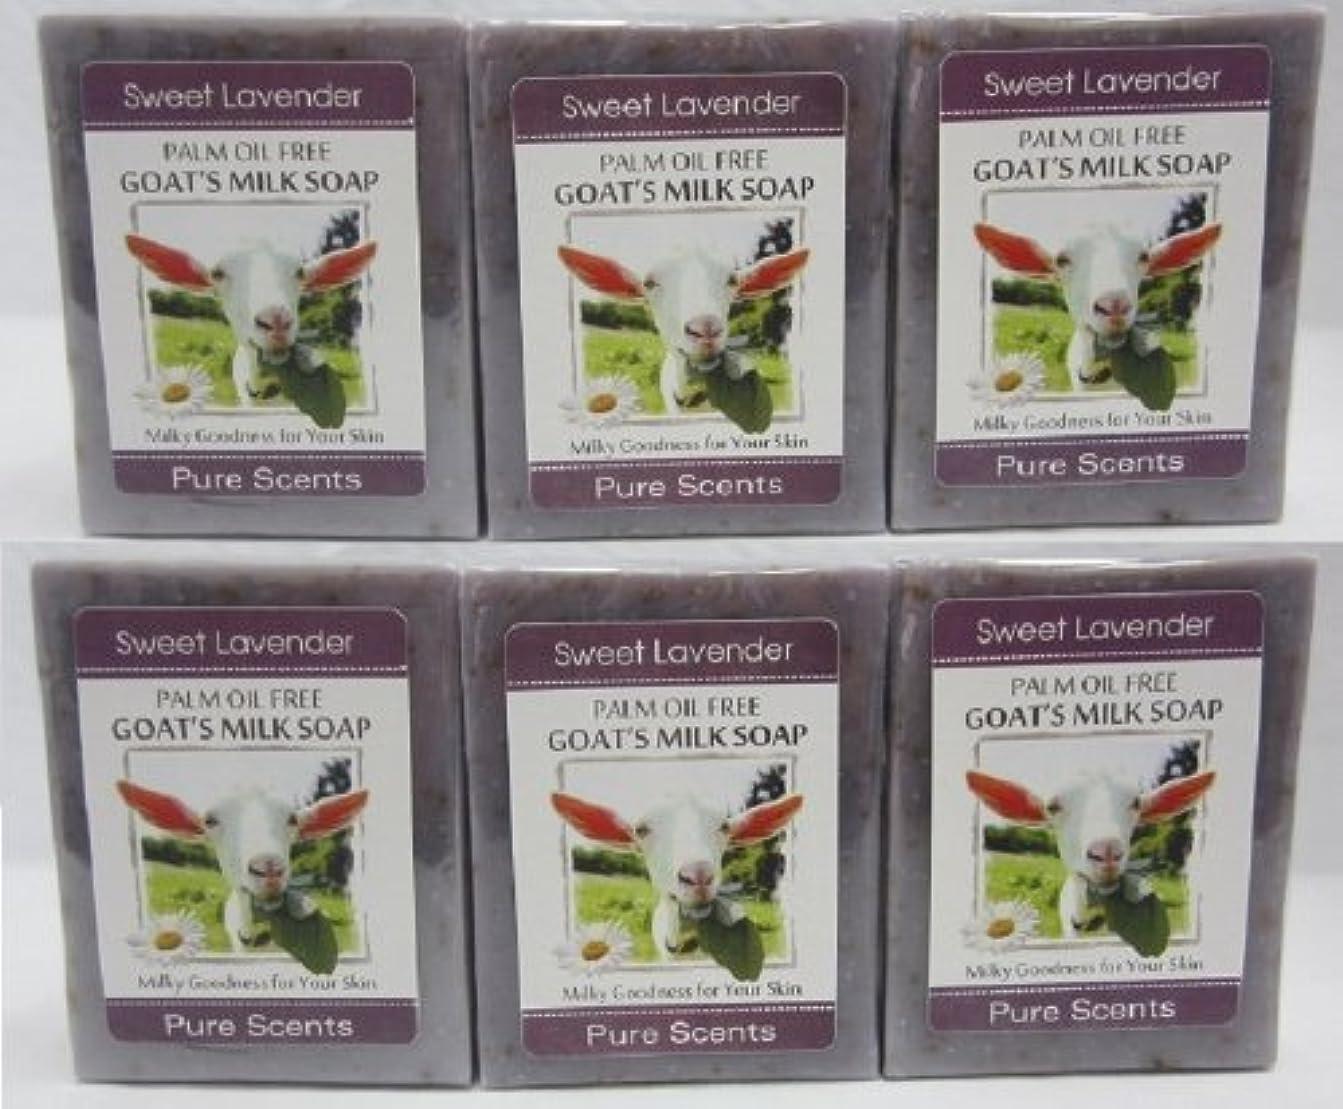 パン批判的に初心者【Pure Scents】Goat's Milk Soap ヤギのミルクせっけん 6個セット Sweet Lavender スイートラベンダー